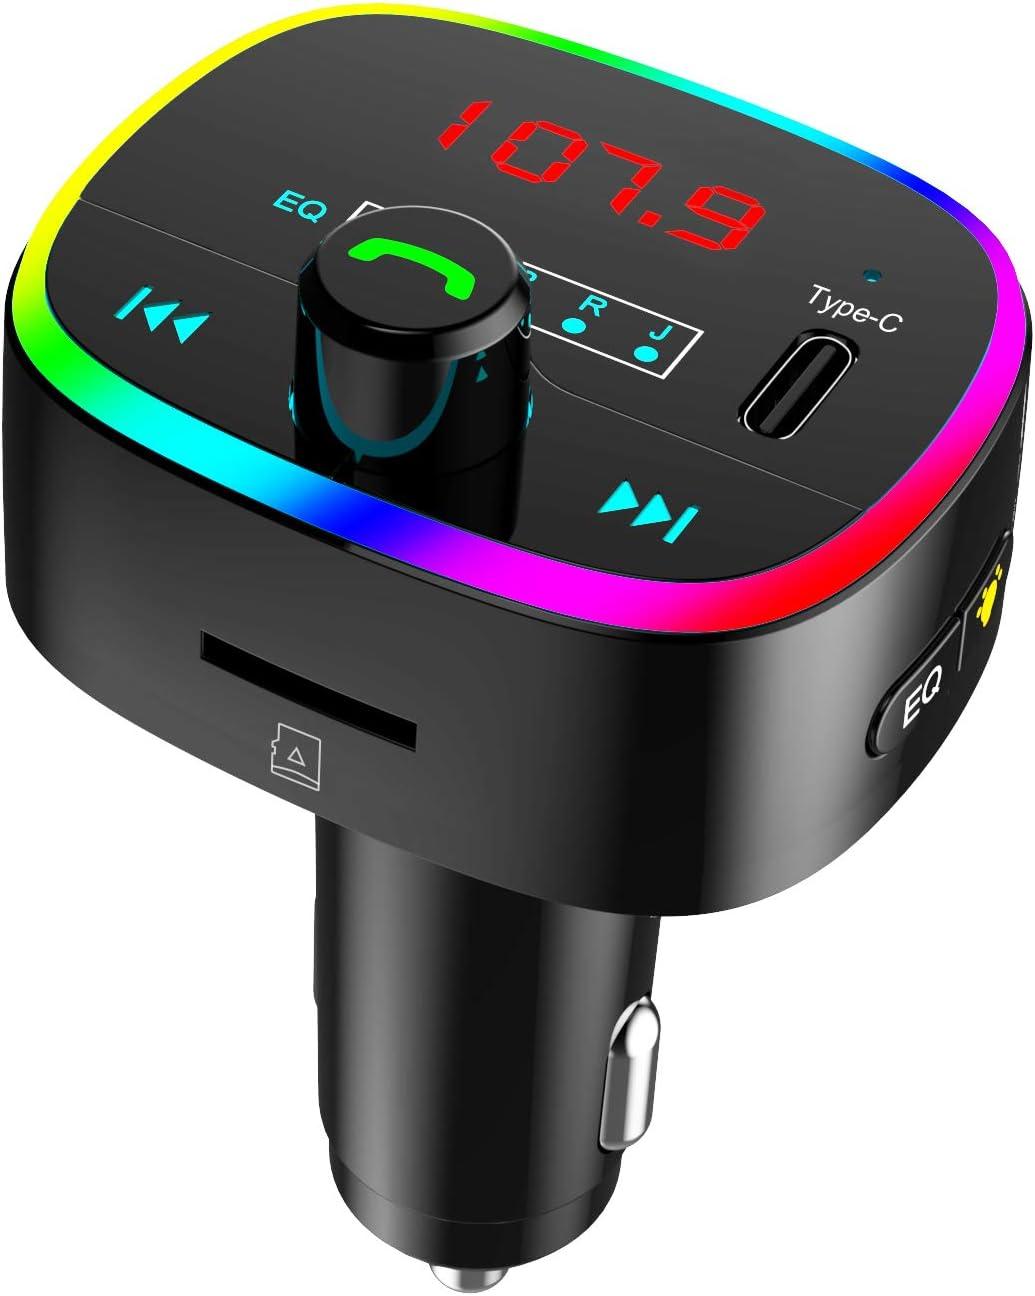 ZIIDOO Transmisor FM Bluetooth 5.0 Coche,Transmisor de Radio Inalámbrico Kit Adaptador de Coche con Función Manos Libres,LED 10 Colores, 2 Puertos USB y 1 Puerto Type-C, Soporte U-Disk/Tarjeta TF